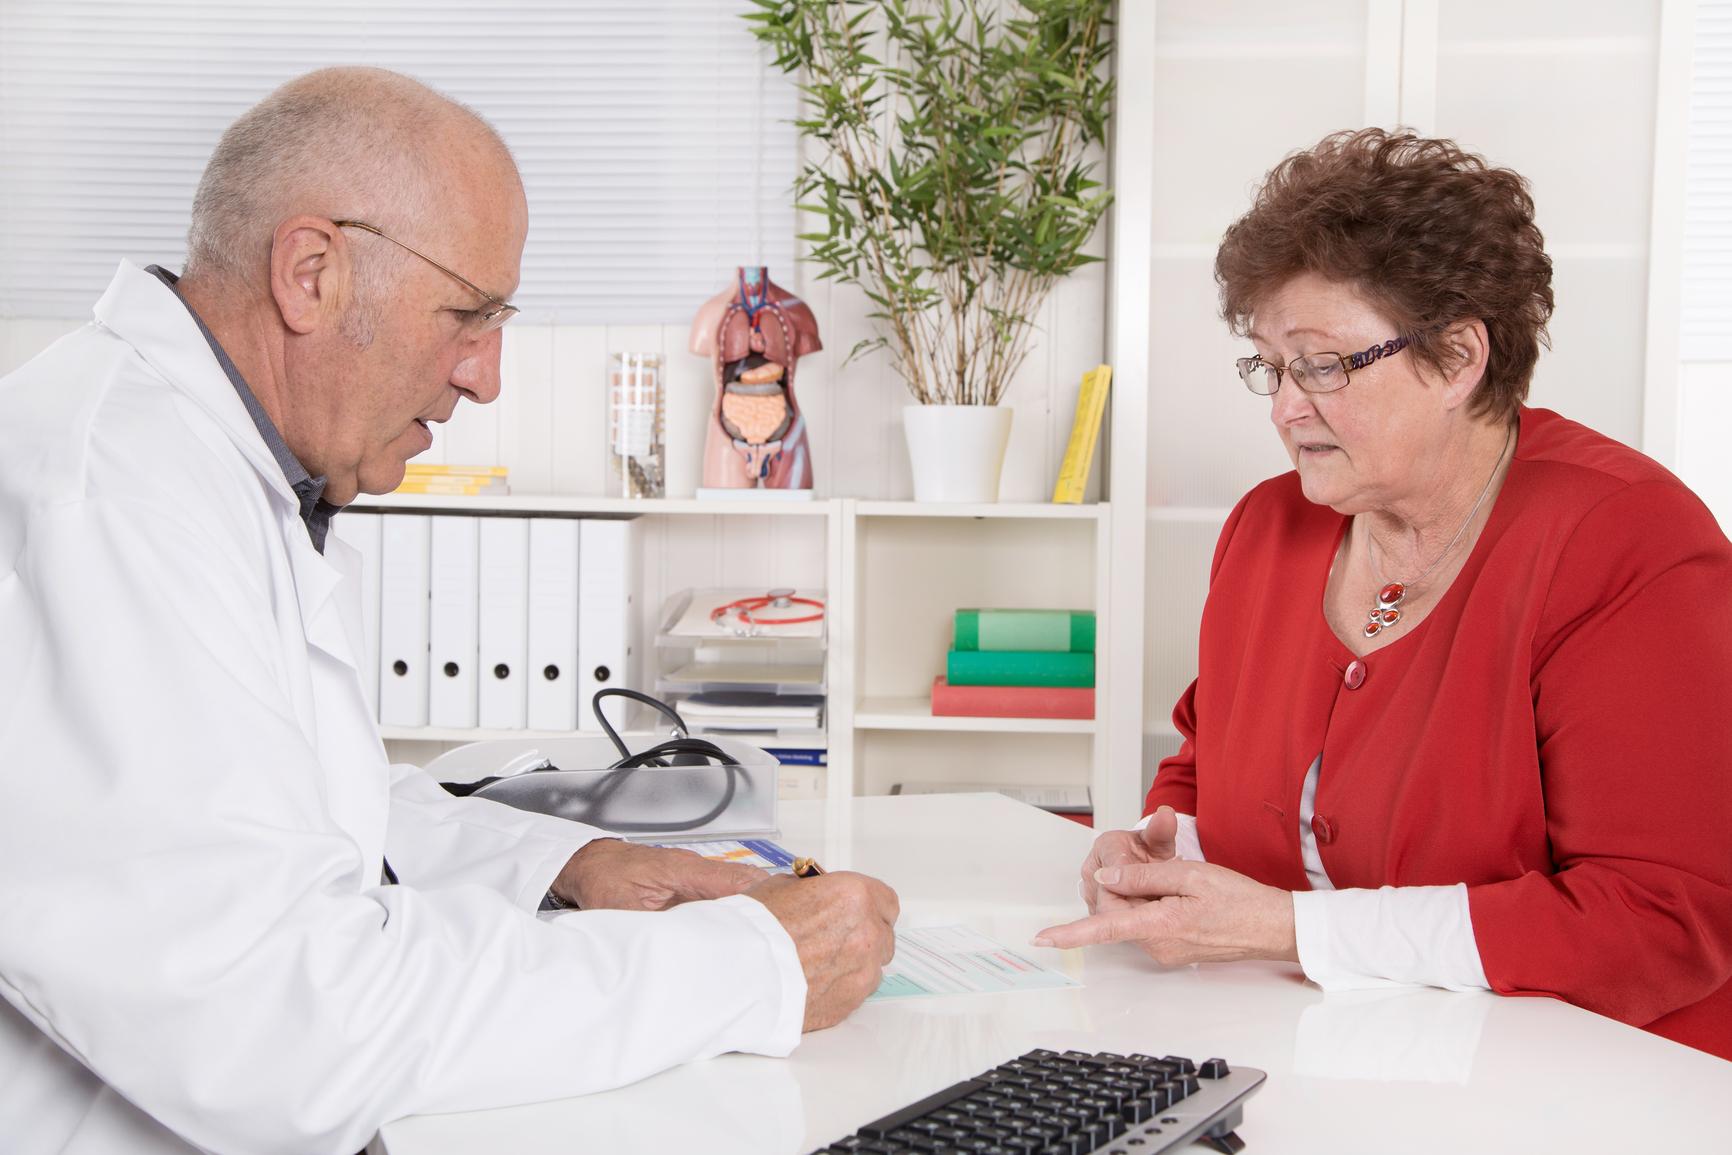 статьи про здоровье и здоровый образ жизни